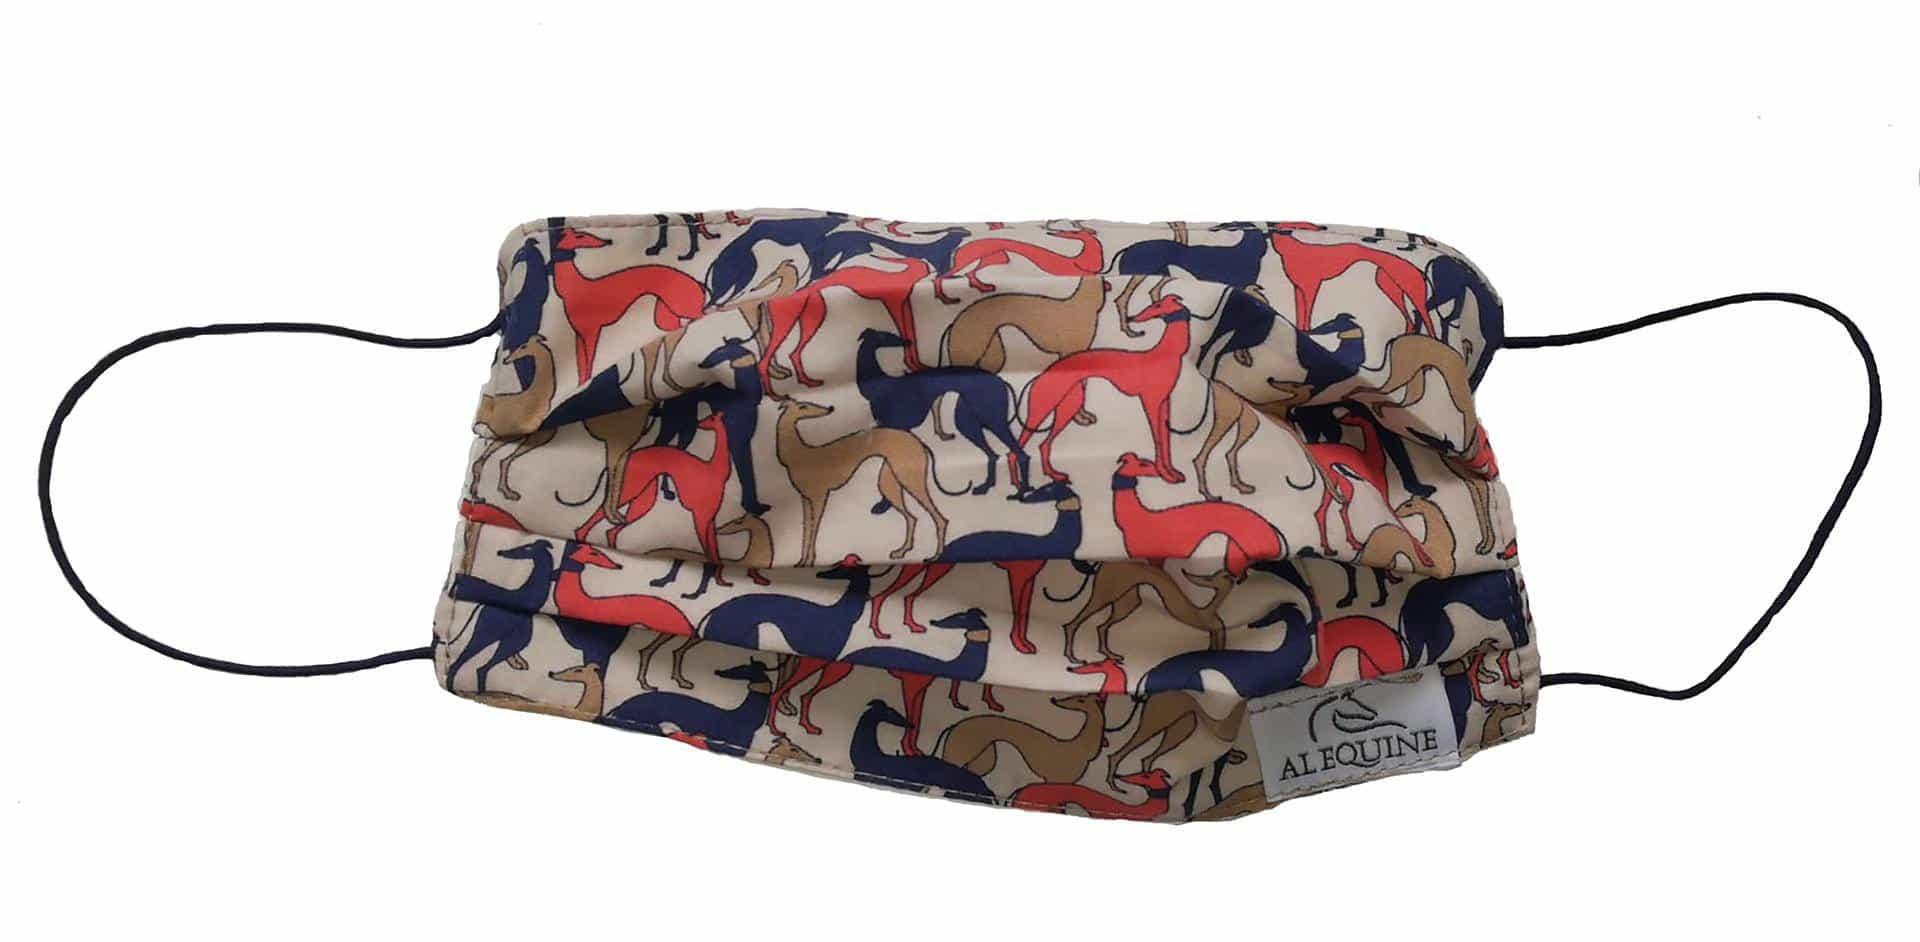 Al Equine Masks: Da paixão pelos cavalos até à proteção individual